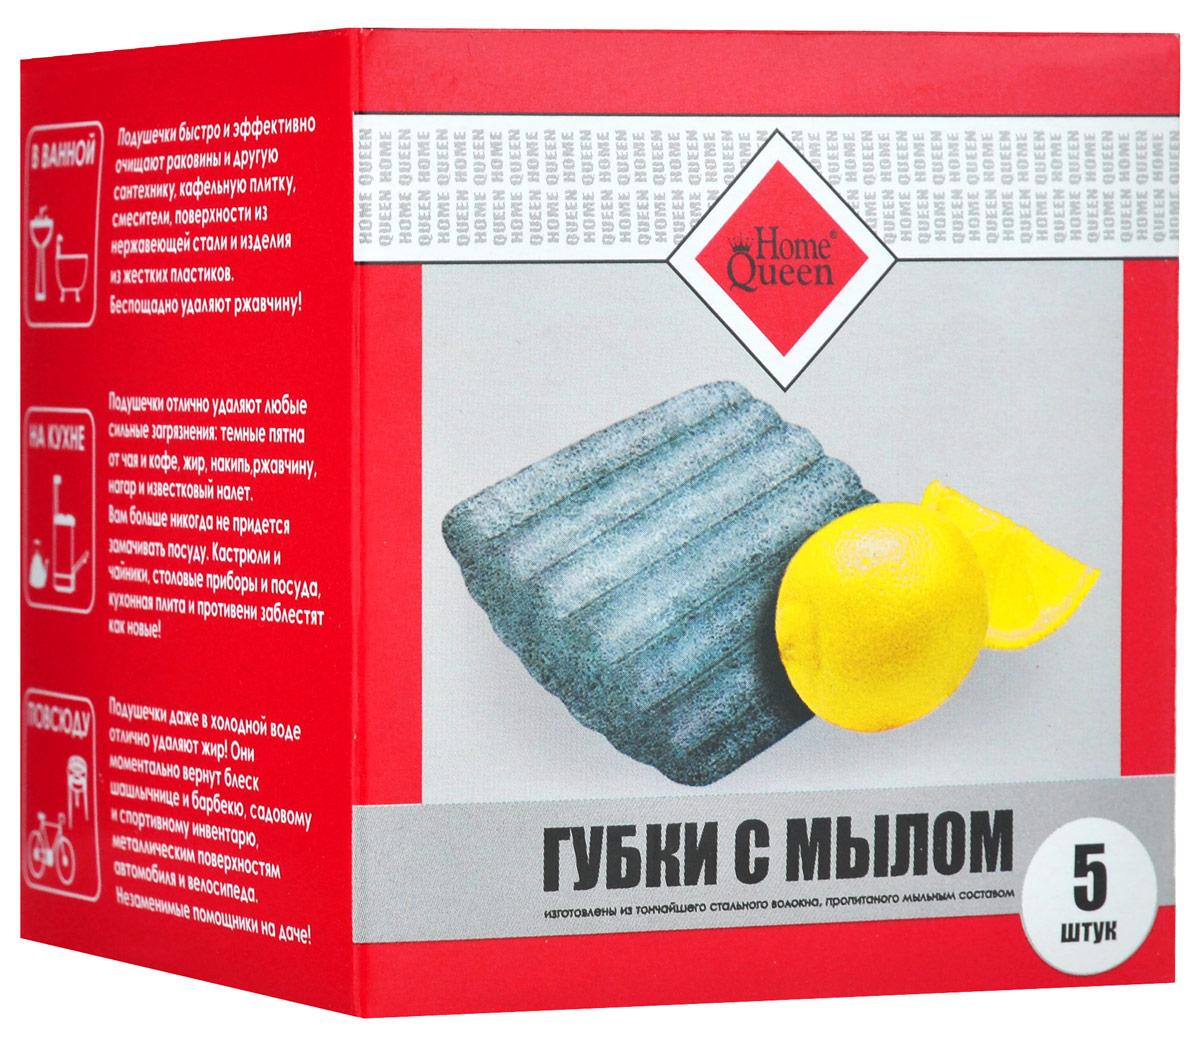 Губки с мылом Home Queen, с ароматом лимона, 5 шт41_лимонГубки с мылом Home Queen идеально очищают сложные загрязнения, такие как: ржавчина, известковый налет, пригоревший жир, накипь. В наборе - 5 губок, изготовленных из тончайшего стального волокна. Мыло содержит тензиды, растворяющие жир, и пальмовое масло, которое заботиться о ваших руках. Губки Home Queen - экологически чистый продукт. Его чистящие и моющие компоненты разлагаются биологическим путем. Состав: ультратонкое стальное волокно, мыло, пальмовое масло, ароматические вещества. Размер губки: 6 см х 6 см х 1,5 см.